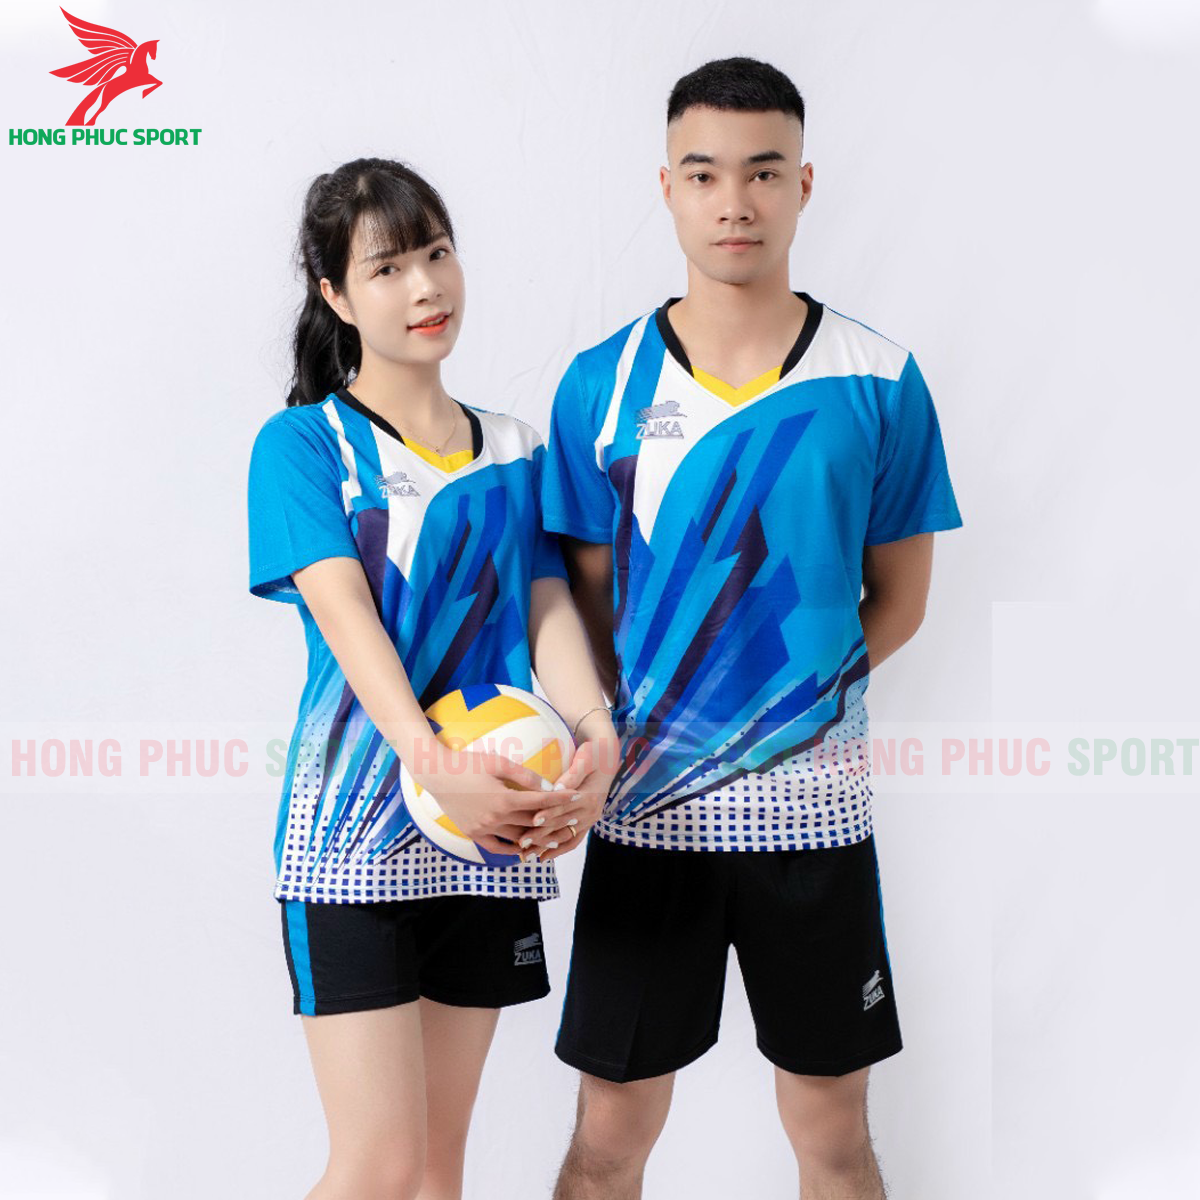 https://cdn.hongphucsport.com/unsafe/s4.shopbay.vn/files/285/quan-ao-bong-chuyen-zuka-01-2021-mau-xanh-duong-2-60750cc768724.png